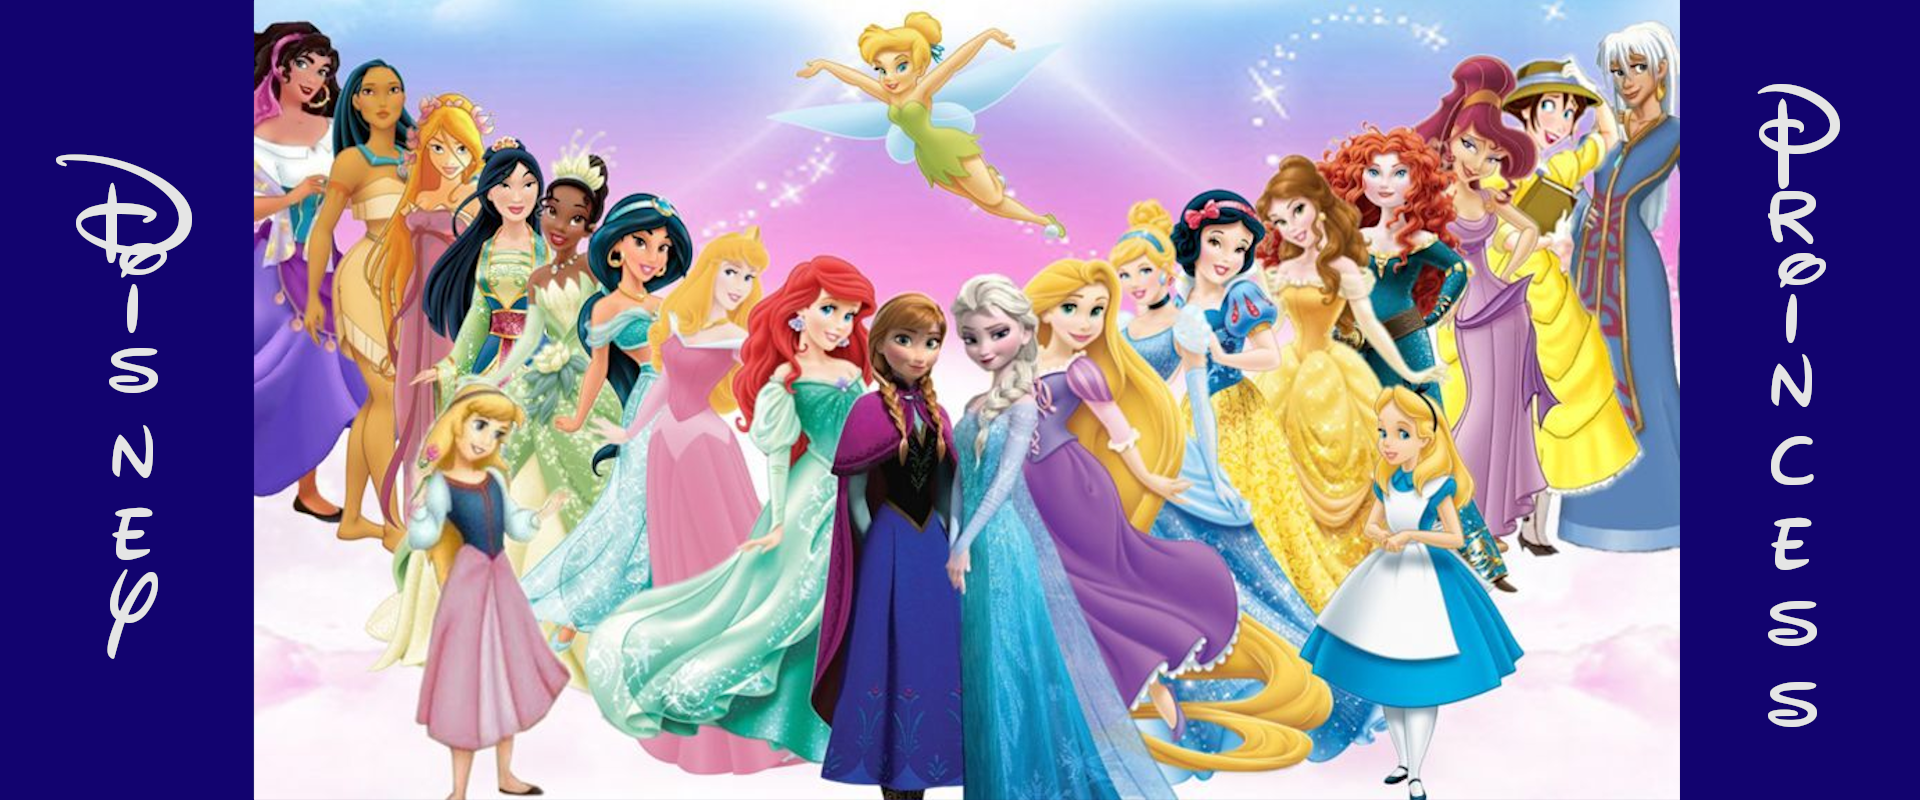 Świat Disney